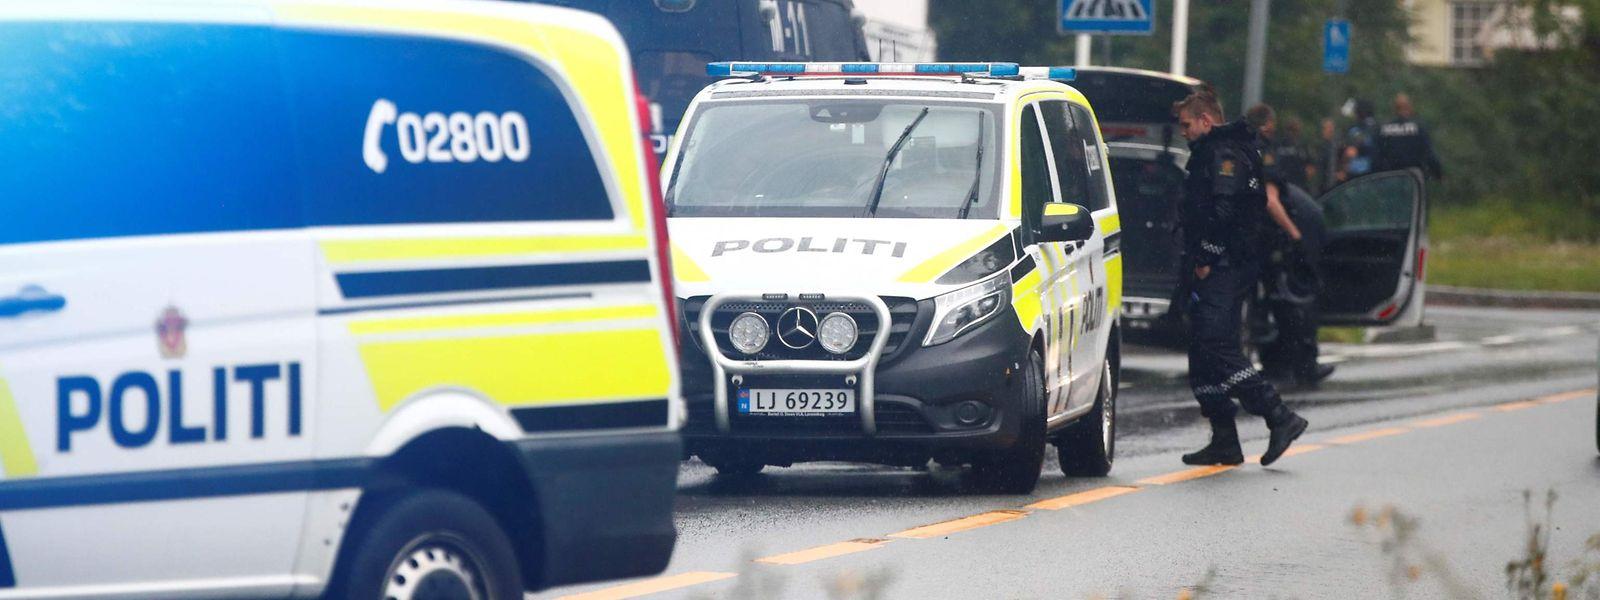 Die Schüsse fielen in einer  Moschee in der Nähe der norwegischen Hauptstadt Oslo.